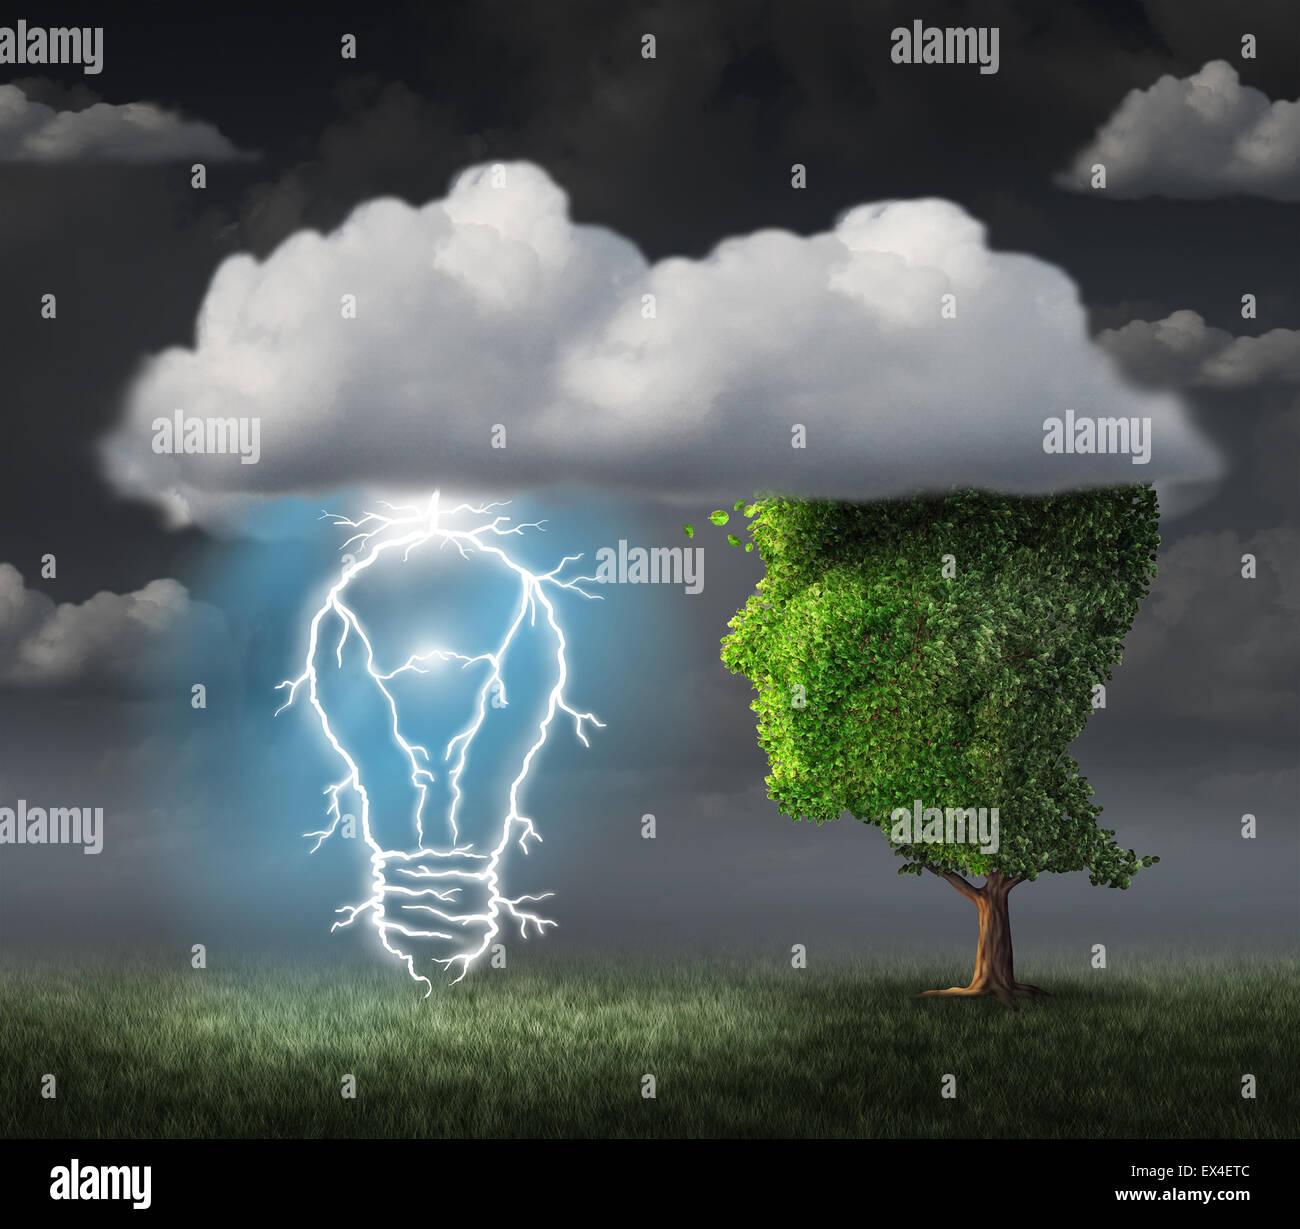 Business-Idee-Konzept als Baum als ein Gesicht unter einer Wolke mit einem elektrischen Blitz in Form eine leuchtende Stockbild